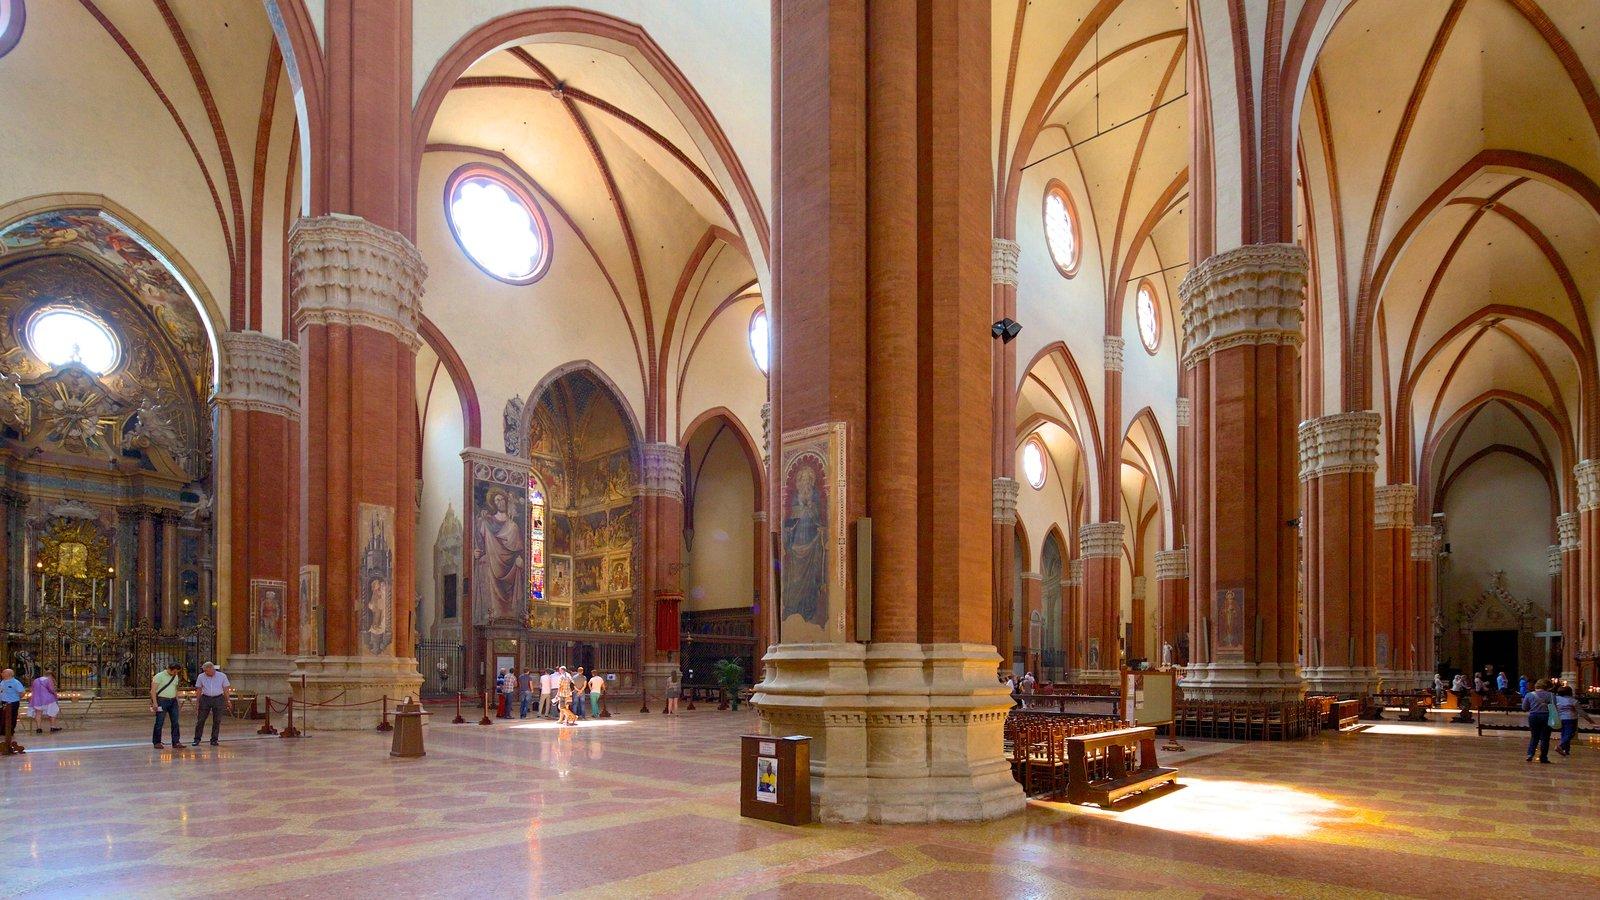 Basilica S. Petronio que inclui vistas internas, elementos religiosos e uma igreja ou catedral